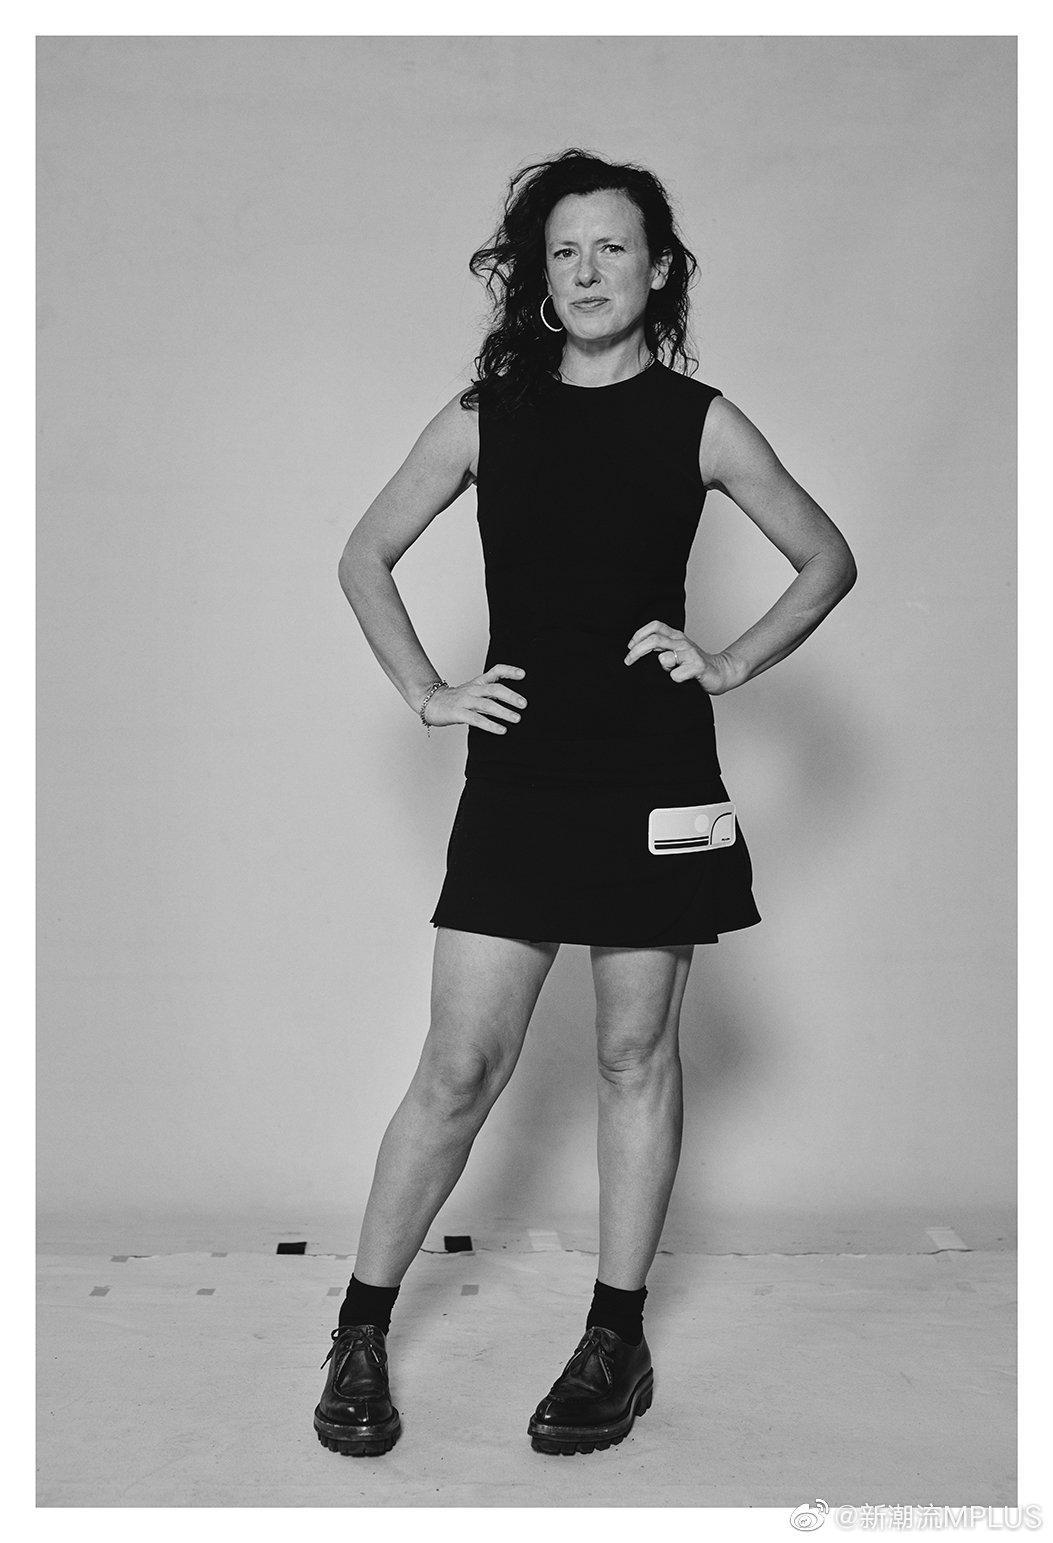 2021年2月28日,意大利百年时尚运动品牌FILA再登米兰时装周图1